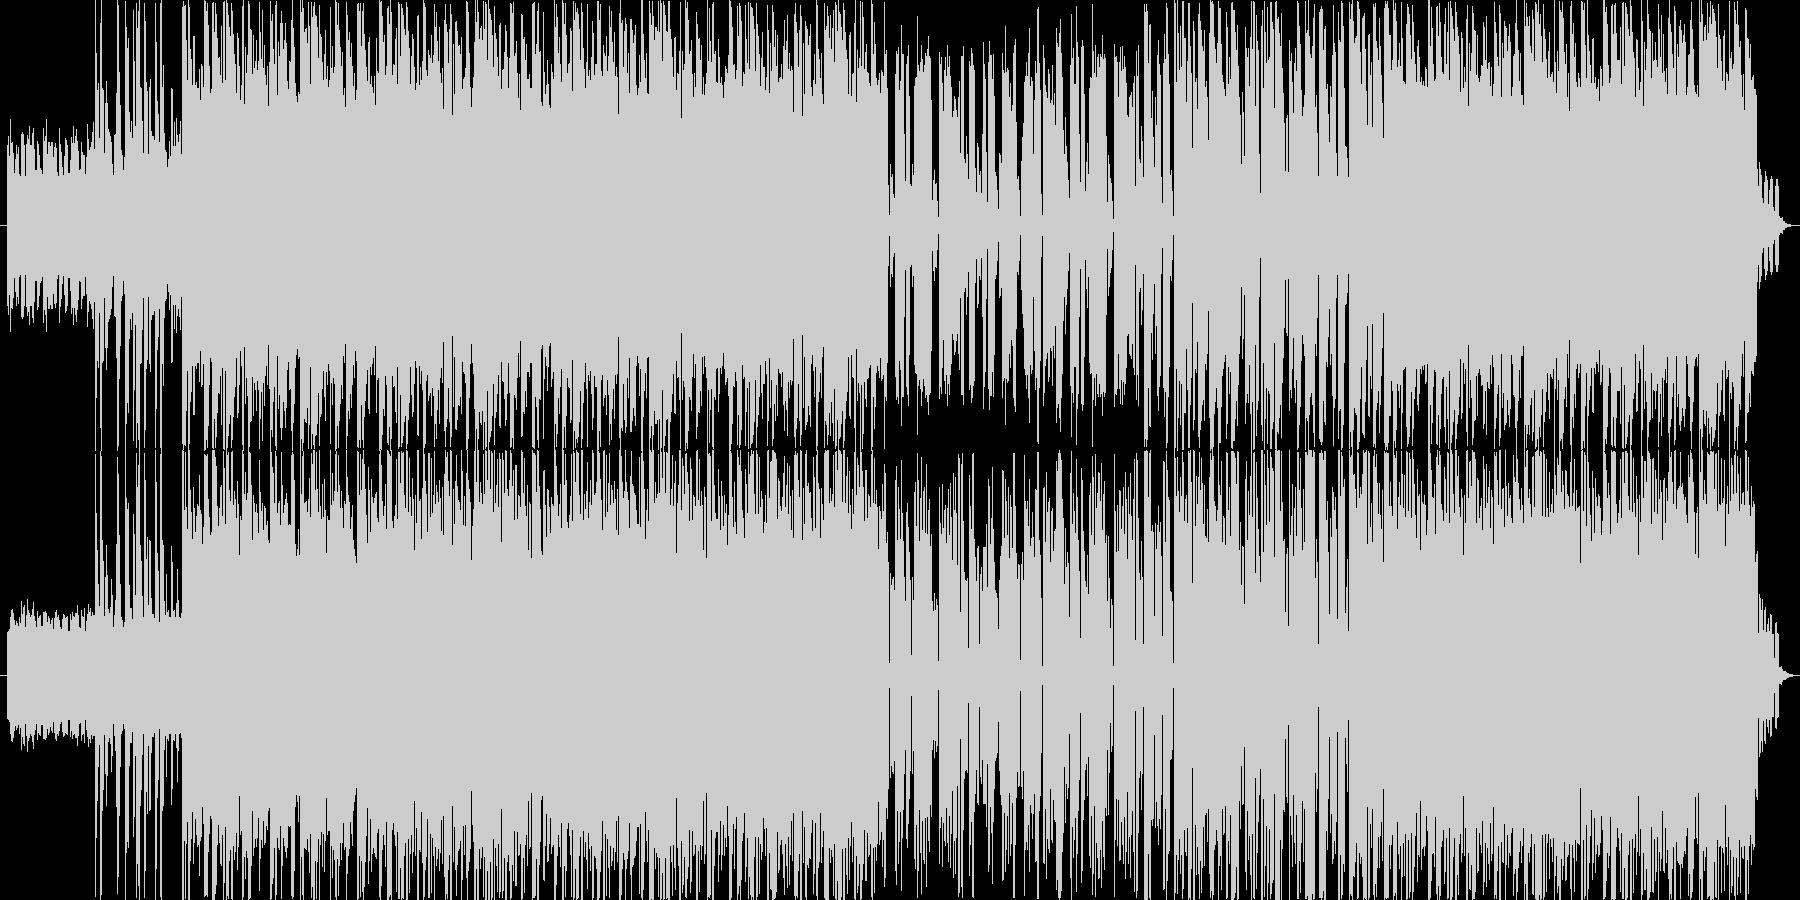 シンセサイザー音色をメインにした、ダイ…の未再生の波形